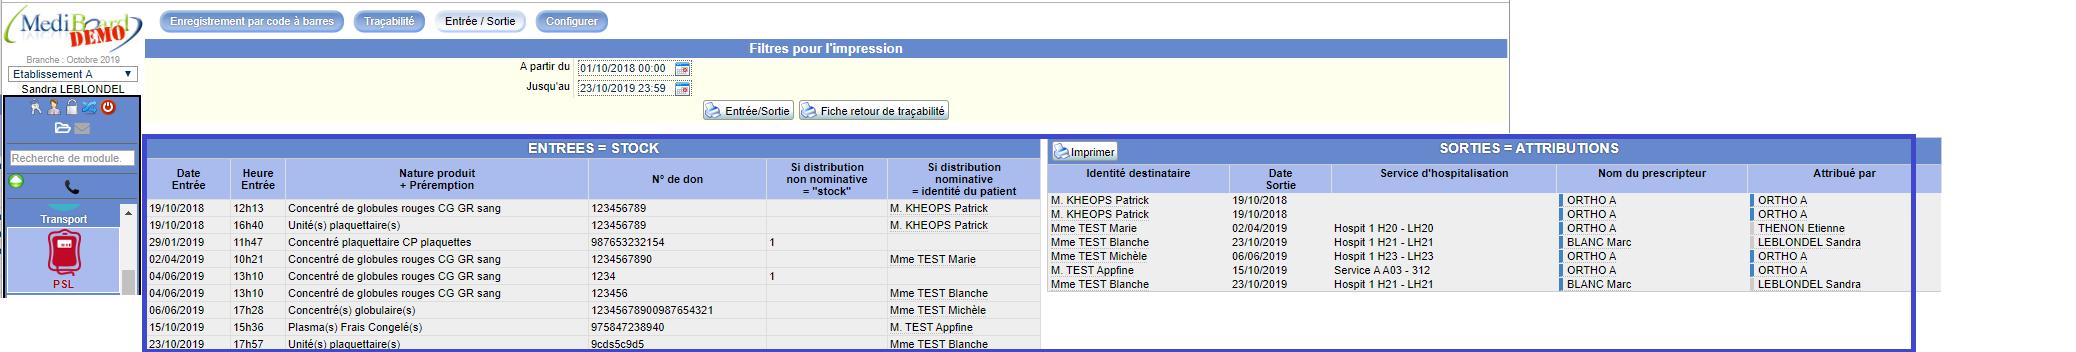 Traçabilité des entrées et des sorties dans Mediboard